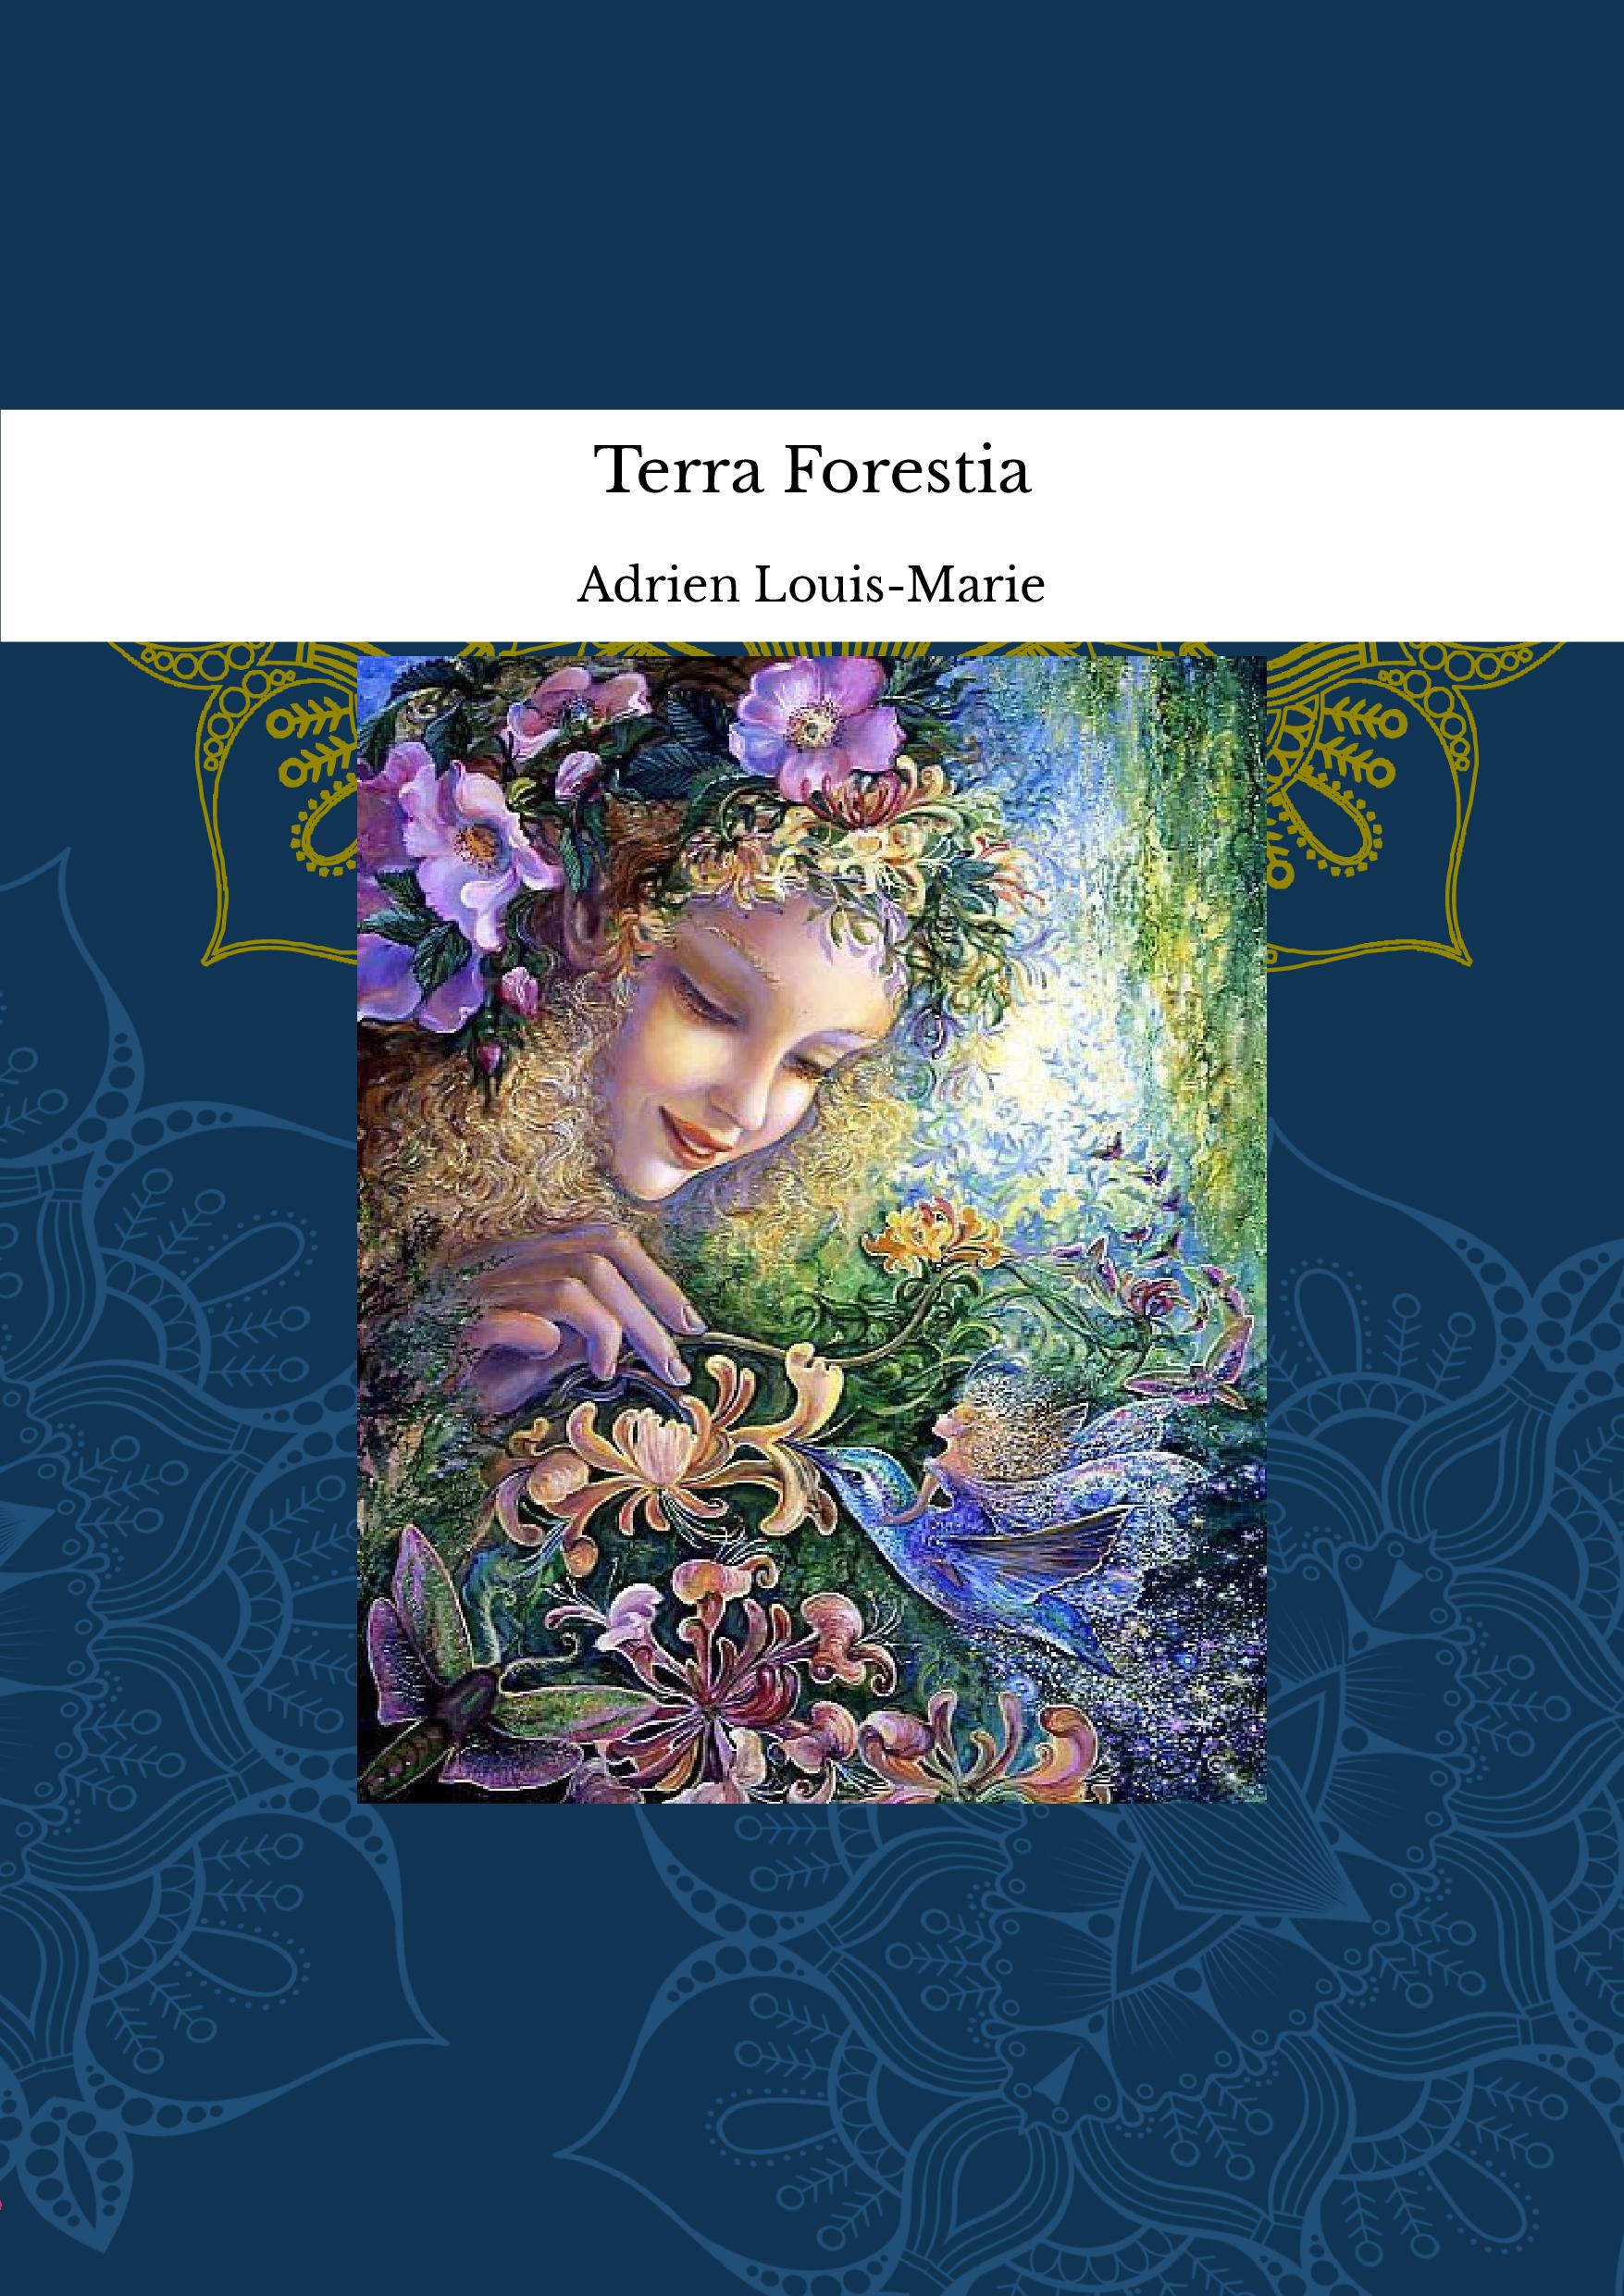 Terra Forestia